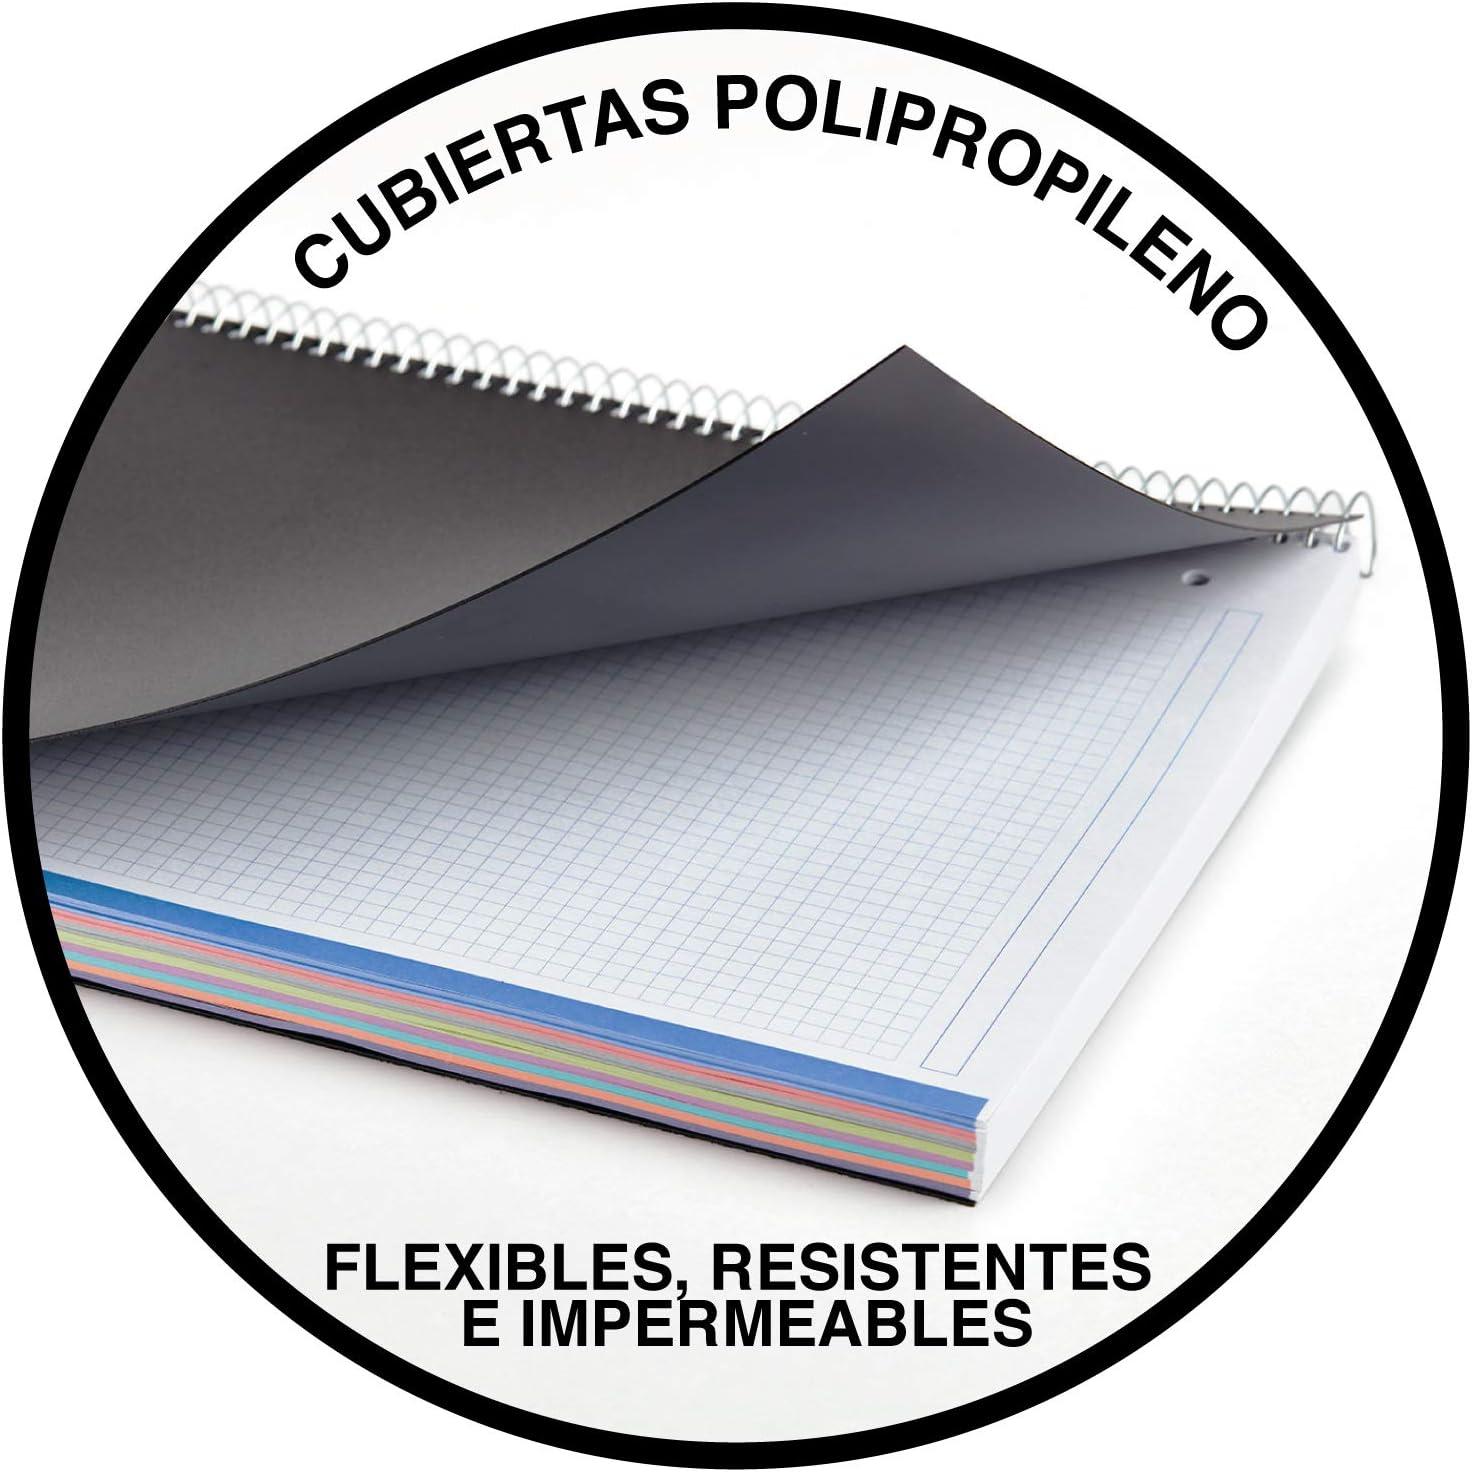 Miquel Rius 42007, Cuaderno con Tapa de Polipropileno, A5, 200 Hojas, Negro: Amazon.es: Oficina y papelería